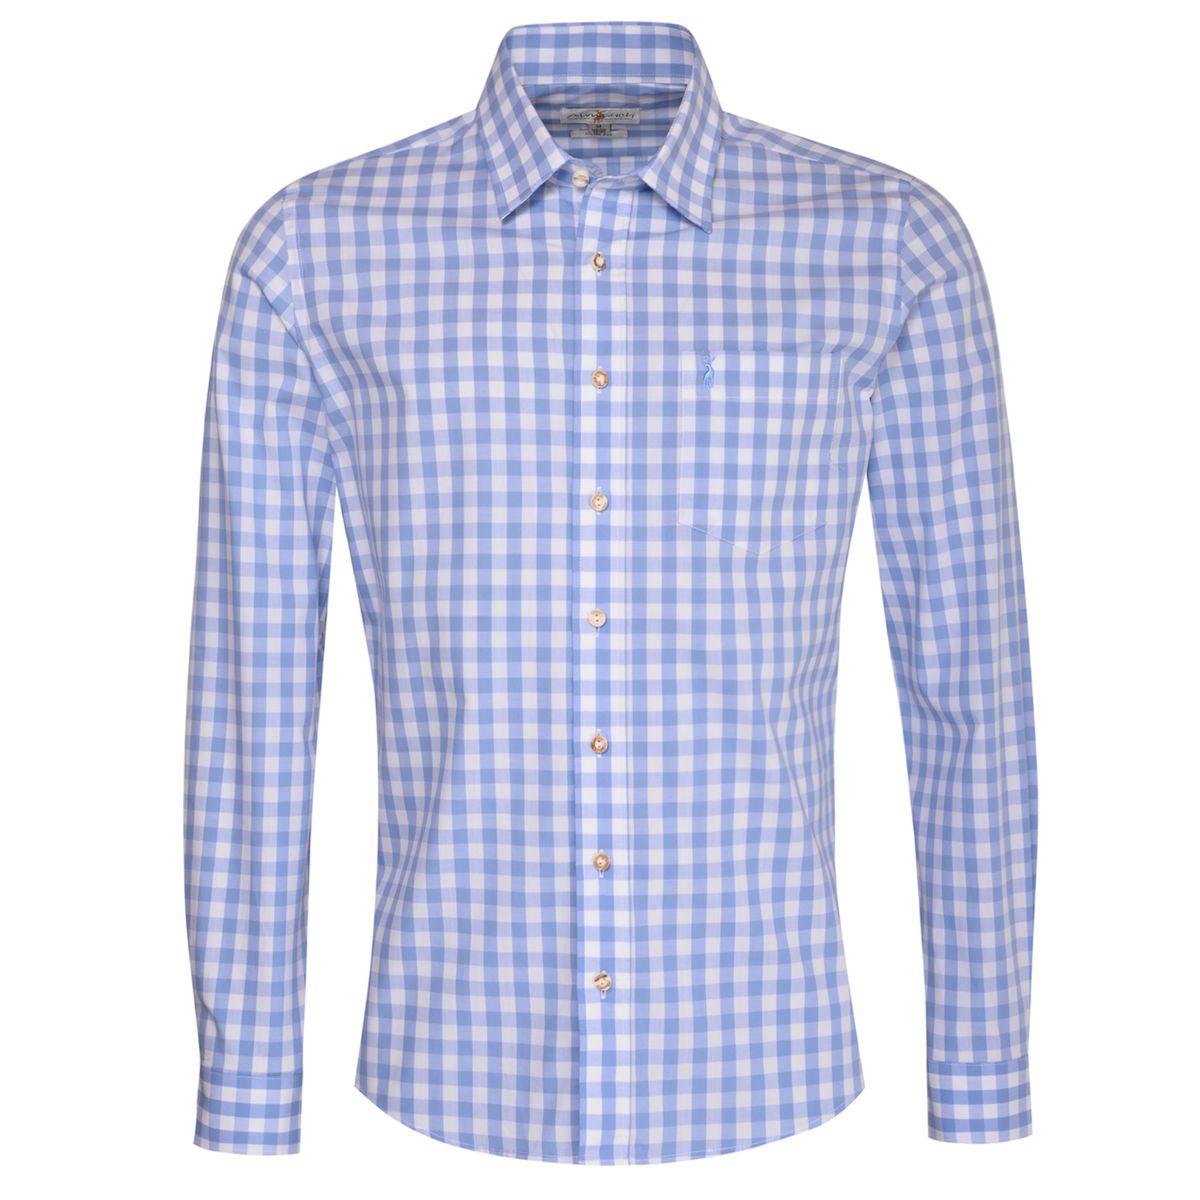 Trachtenhemd Fridolin Slim Fit in Hellblau von Almsach günstig online kaufen